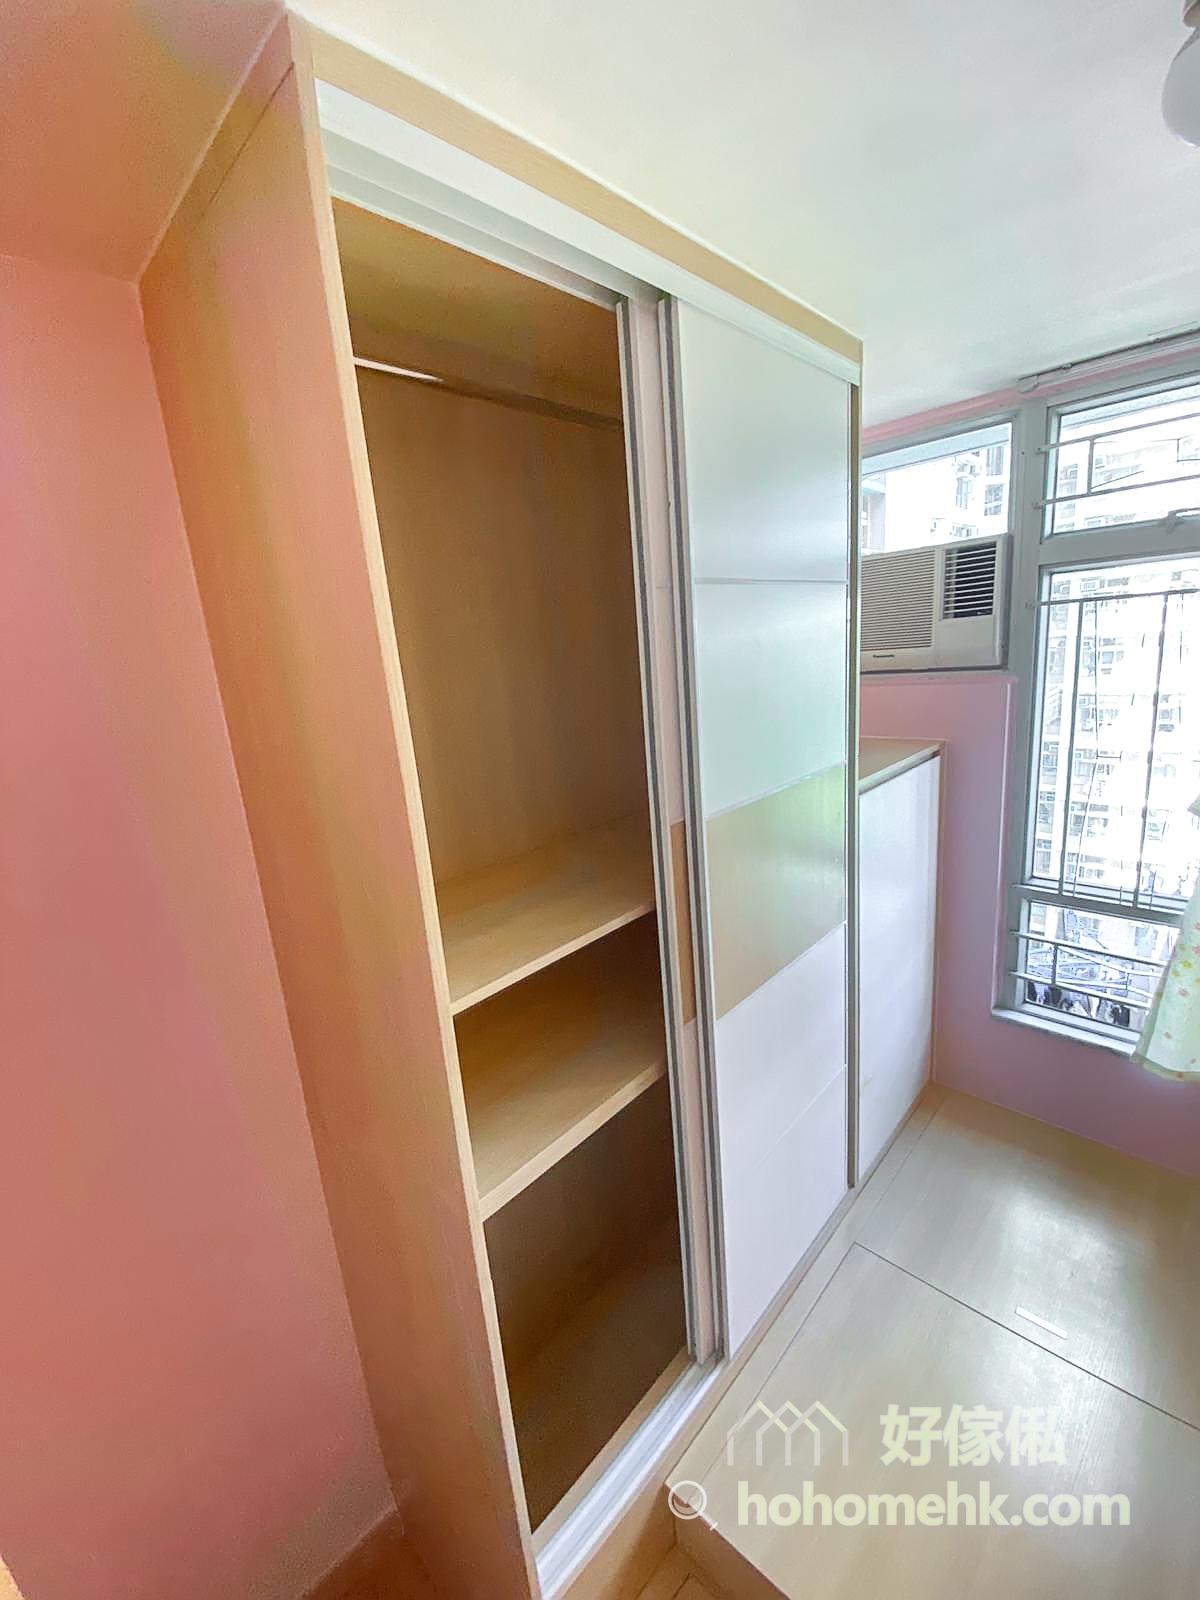 雖然衣櫃的櫃門在地台之上,但裡面的儲物空間會通到地下,所以不用擔心儲物的空間會因地台而減少